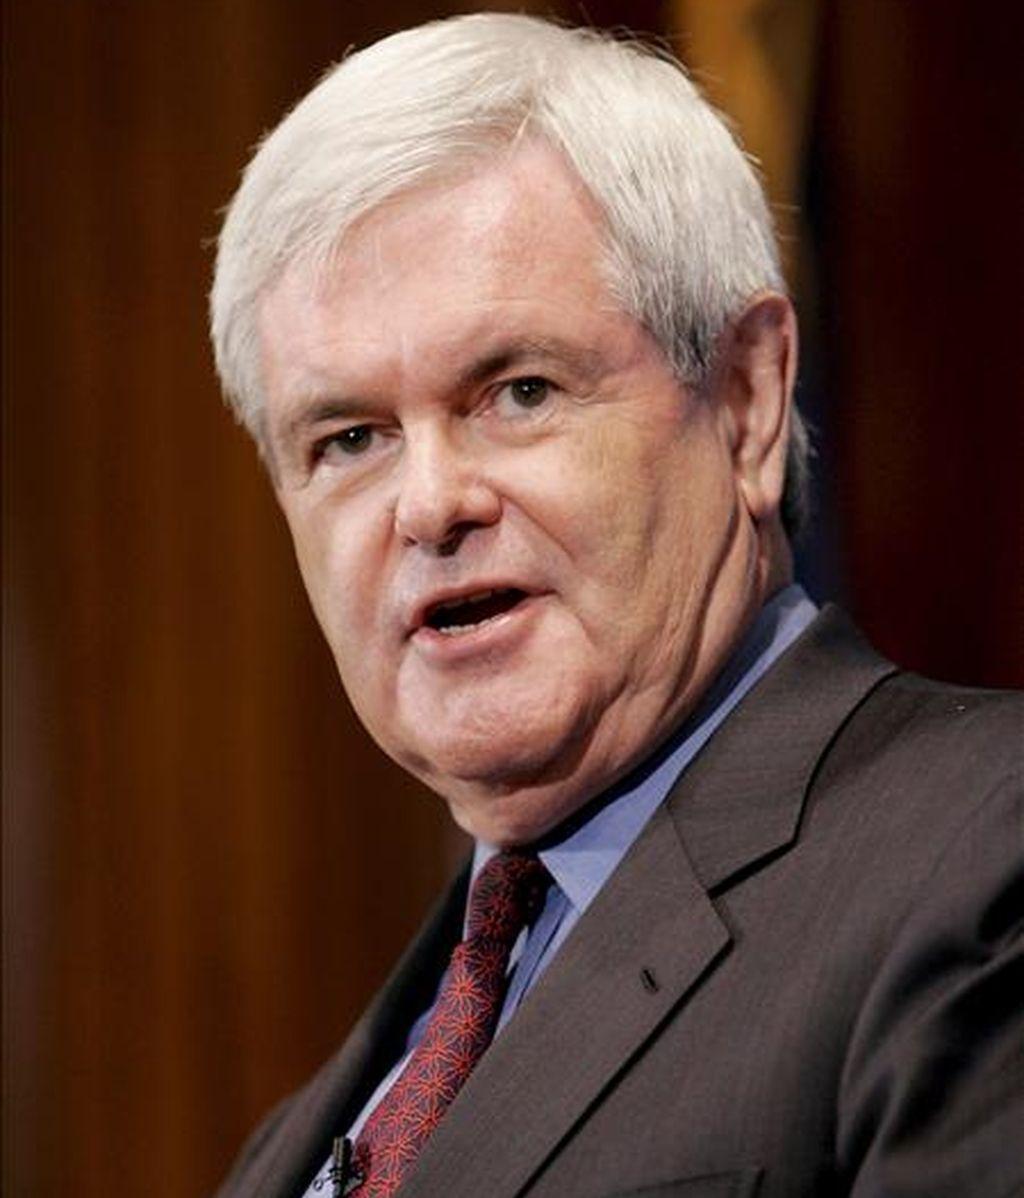 Las palabras de Gingrich han sentado mal entre algunos republicanos, en unos momentos en que su partido ha perdido apoyo entre las minorías. EFE/Archivo